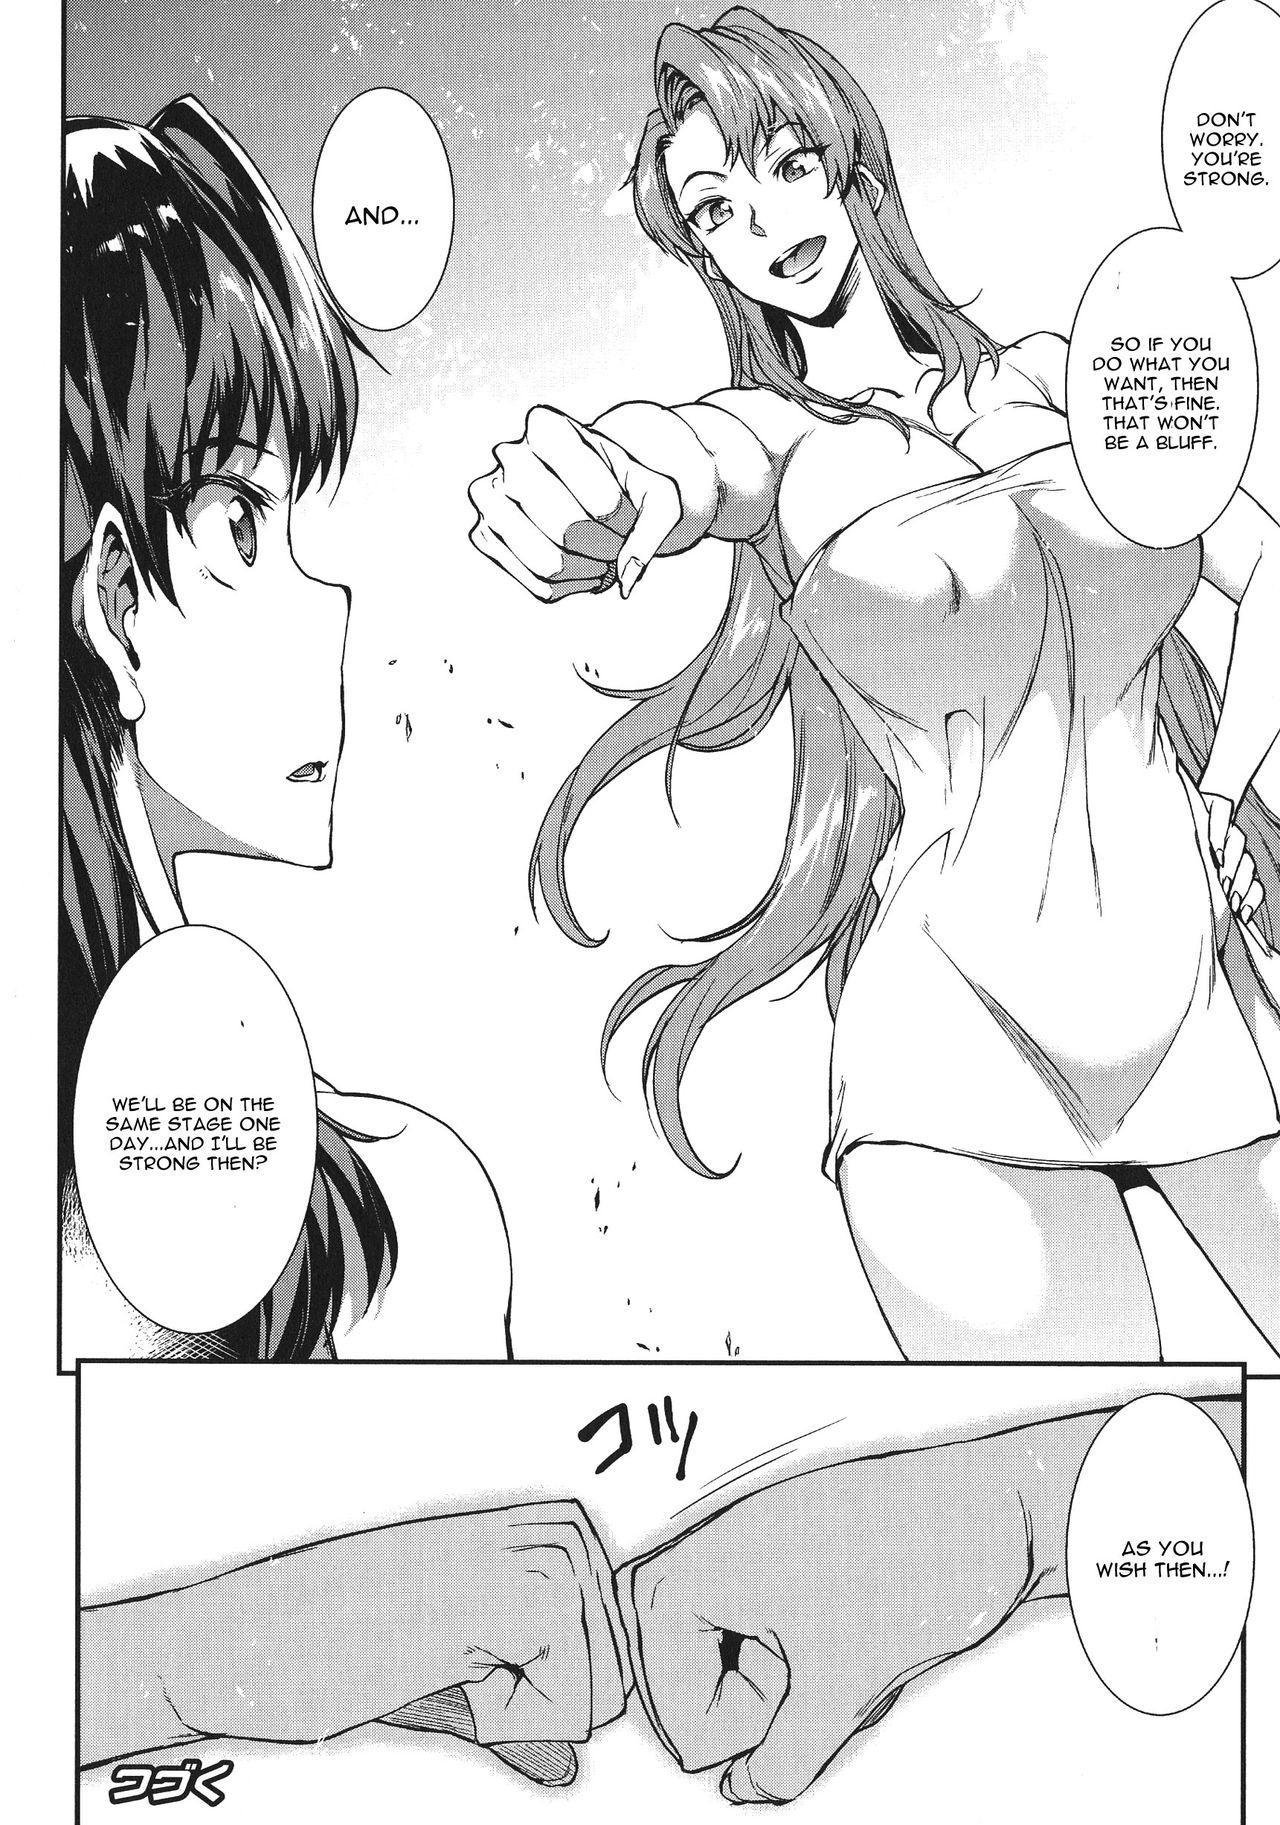 [Erect Sawaru] Raikou Shinki Igis Magia -PANDRA saga 3rd ignition- Ch. 1-7 + Medousa [English] [CGrascal] 127